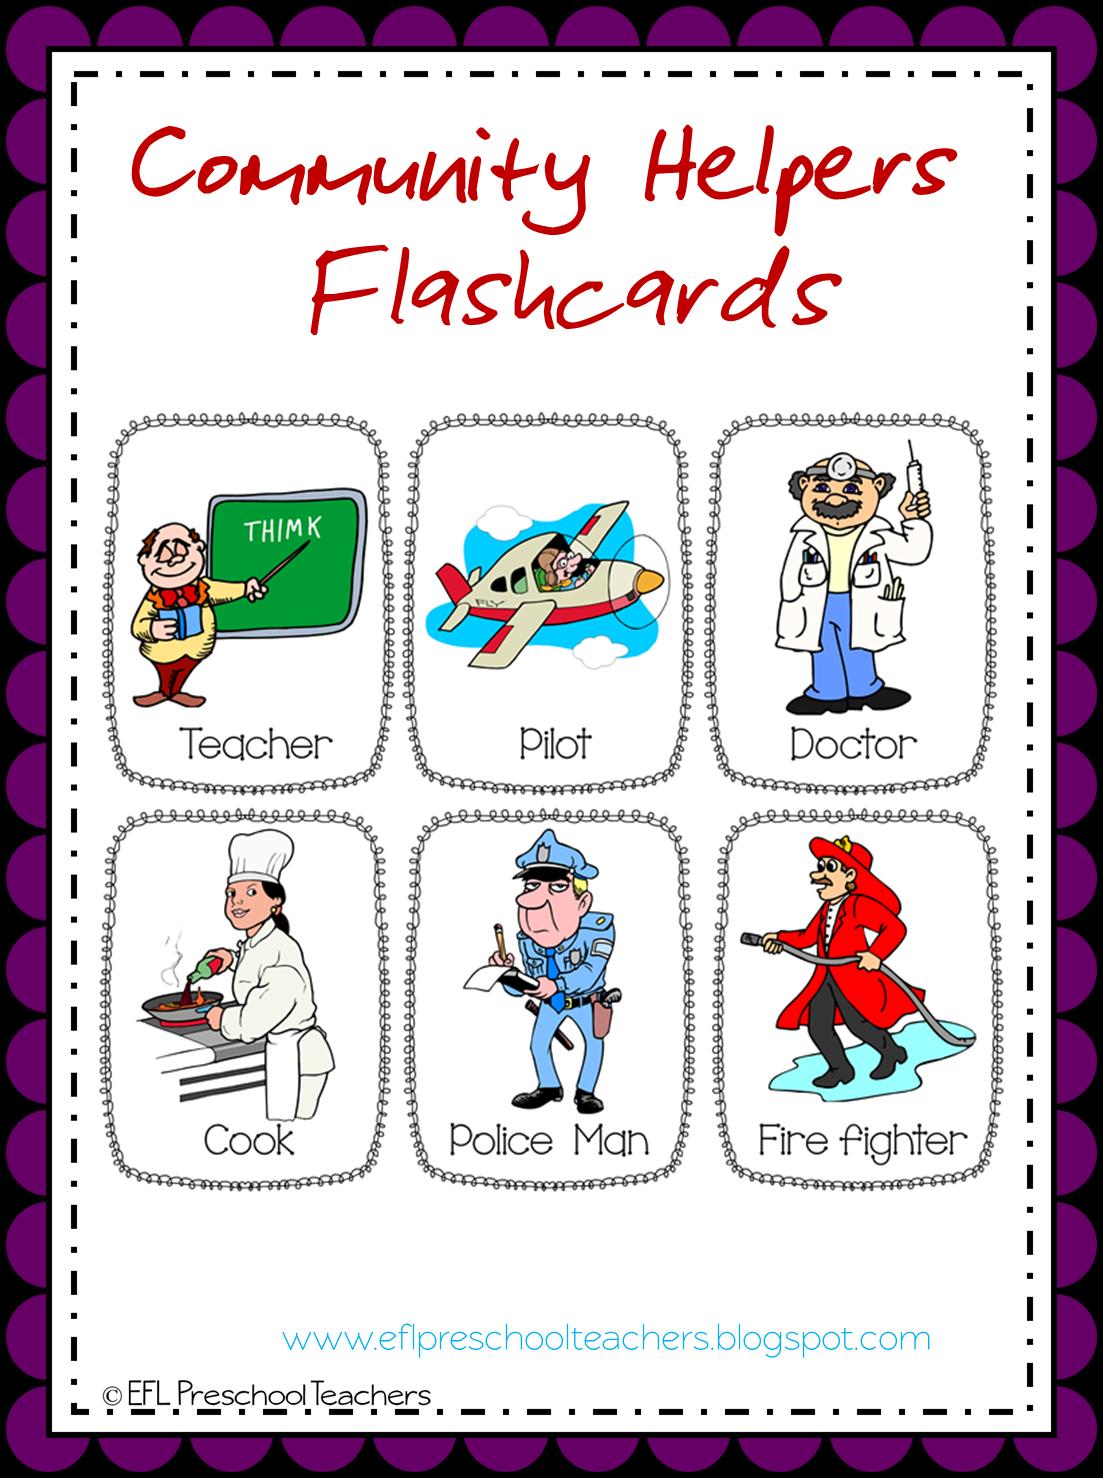 Worksheets Community Helpers Worksheets eslefl preschool teachers community helpers worksheets and more teachers